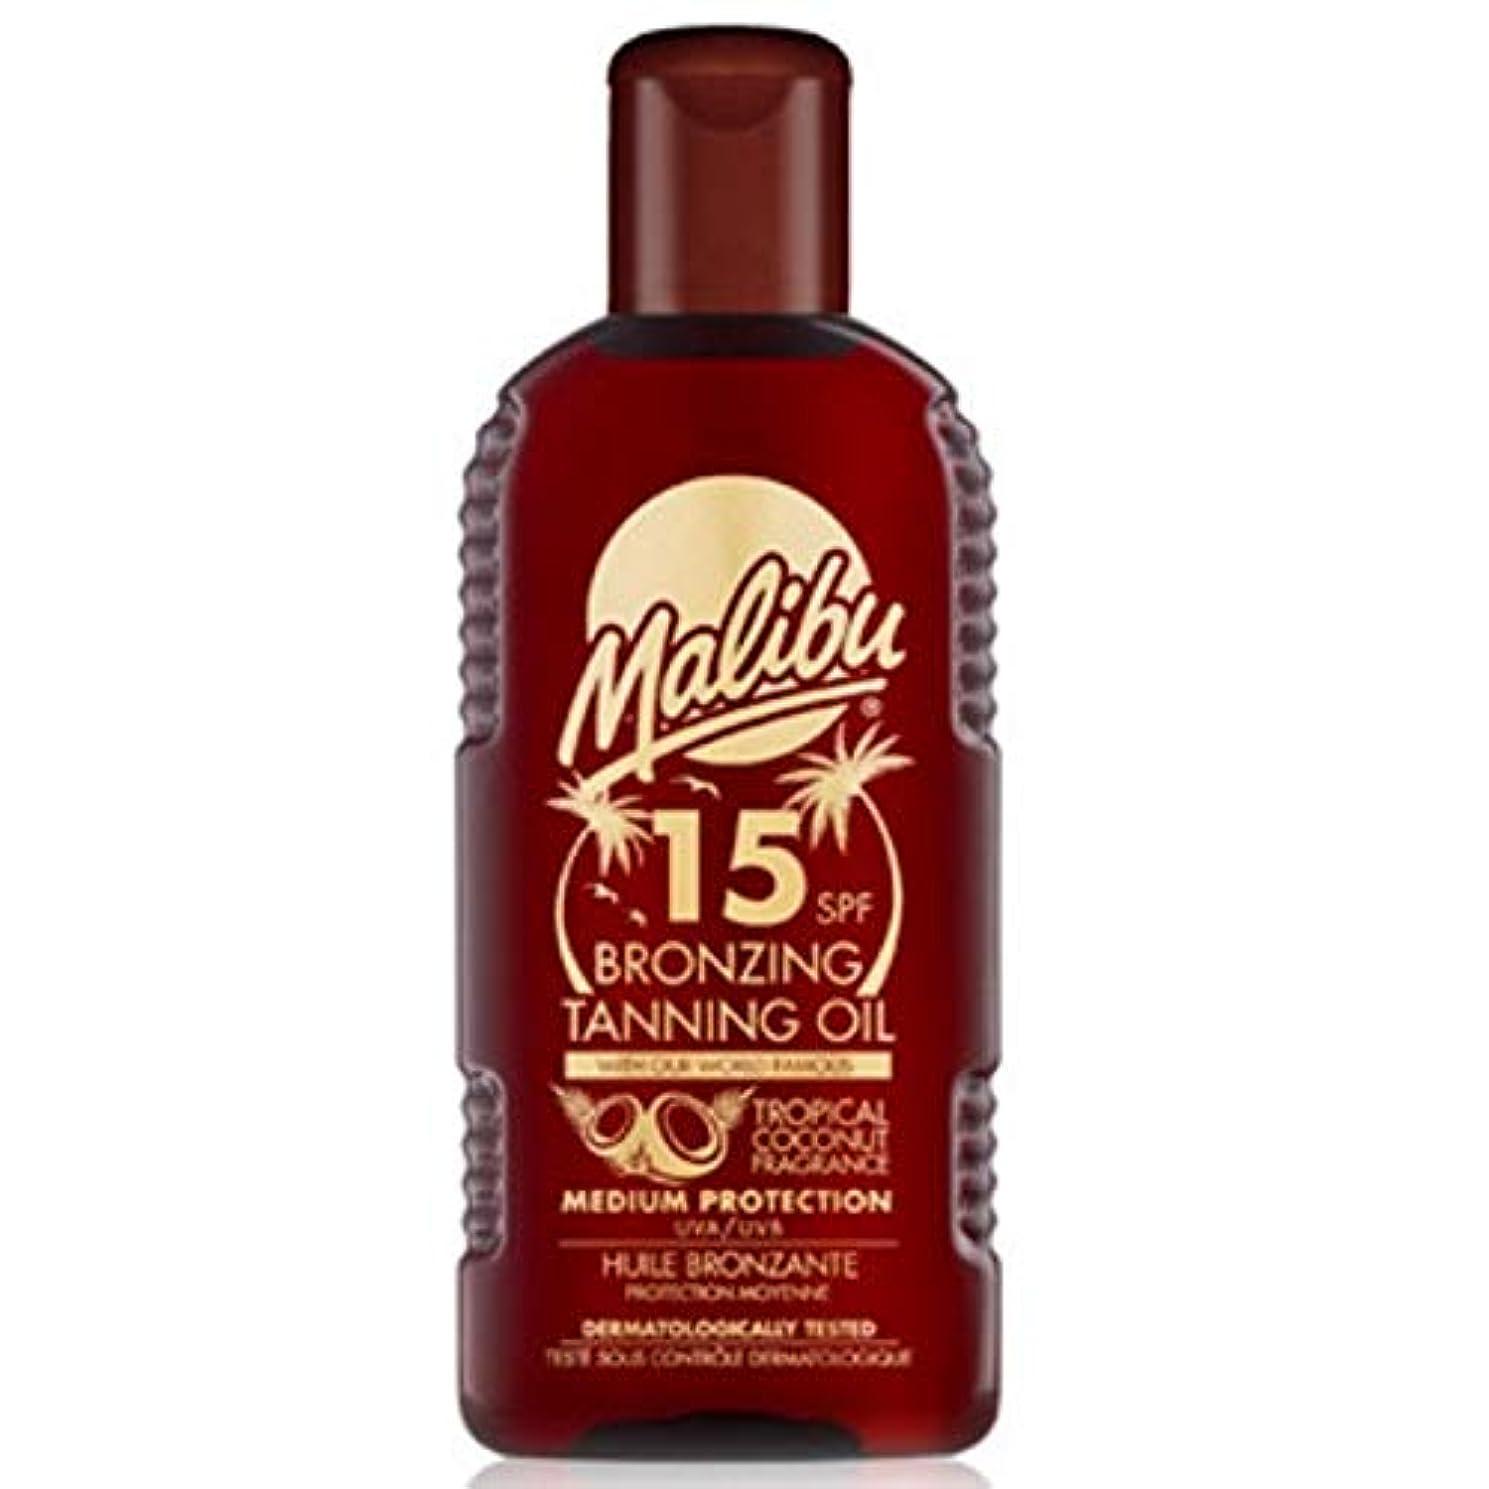 いう衣服カトリック教徒[Malibu ] マリブブロンズ日焼けオイルSpf 15 - Malibu Bronzing Tanning Oil SPF 15 [並行輸入品]